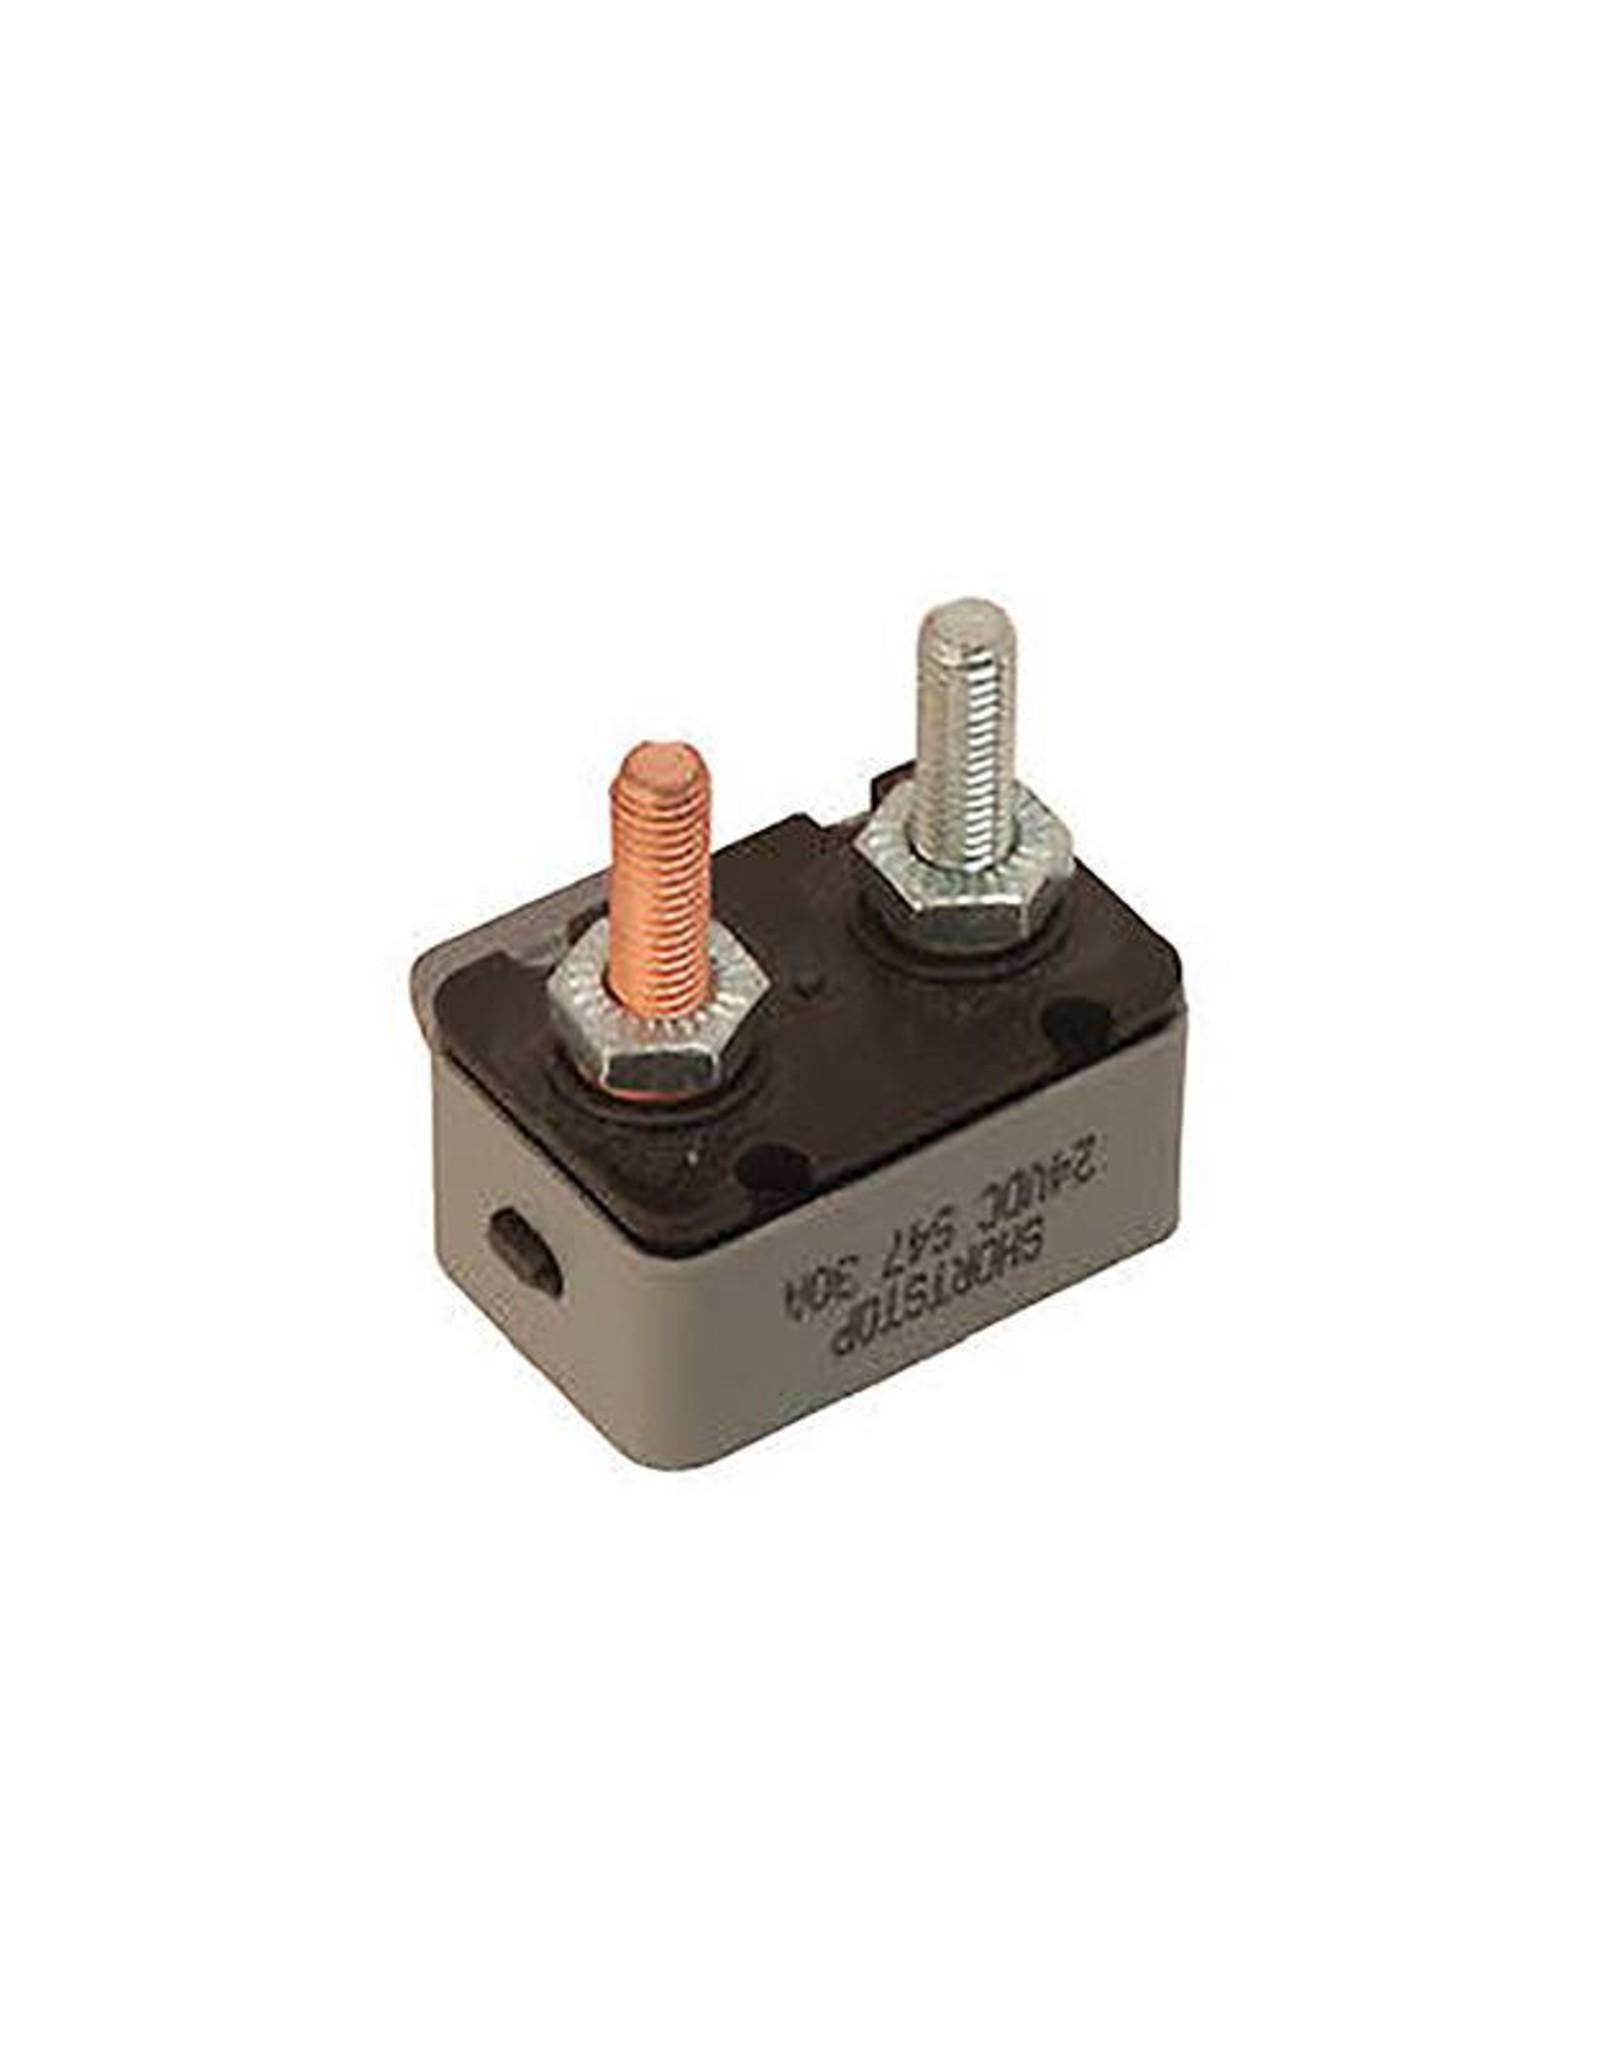 SEADOGLINE RESETTABLE BREAKER-30A 420843-1